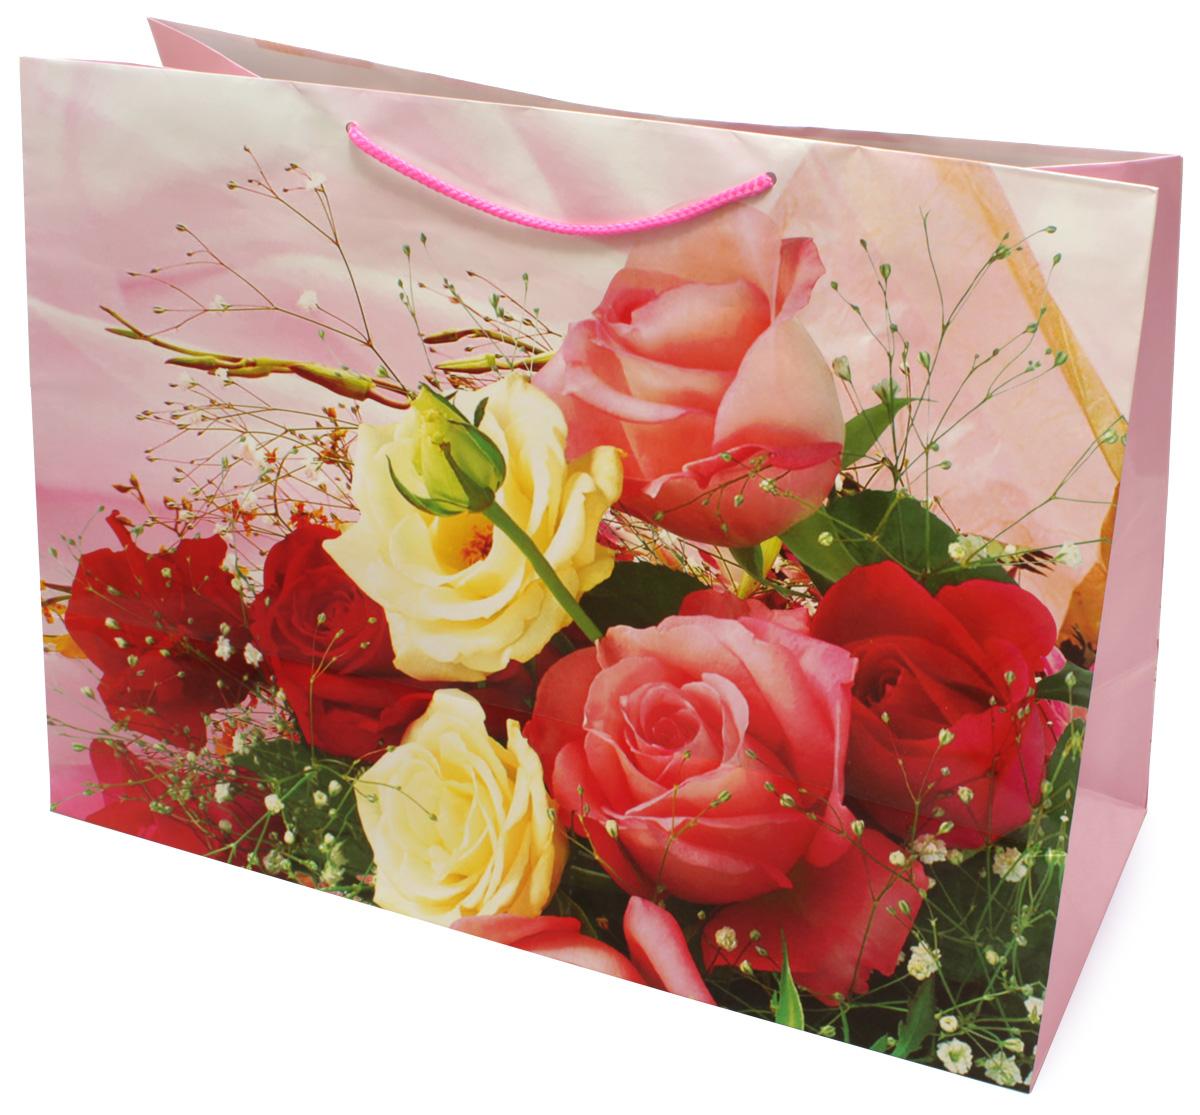 Пакет подарочный МегаМАГ Mix. Цветы, 56 х 41 х 24 см. 903/904 XXLH903/904 XXLHПодарочный пакет МегаМАГ, изготовленный из плотной ламинированной бумаги, станет незаменимым дополнением к выбранному подарку. Для удобной переноски на пакете имеются ручки-шнурки. Подарок, преподнесенный в оригинальной упаковке, всегда будет самым эффектным и запоминающимся. Окружите близких людей вниманием и заботой, вручив презент в нарядном, праздничном оформлении.